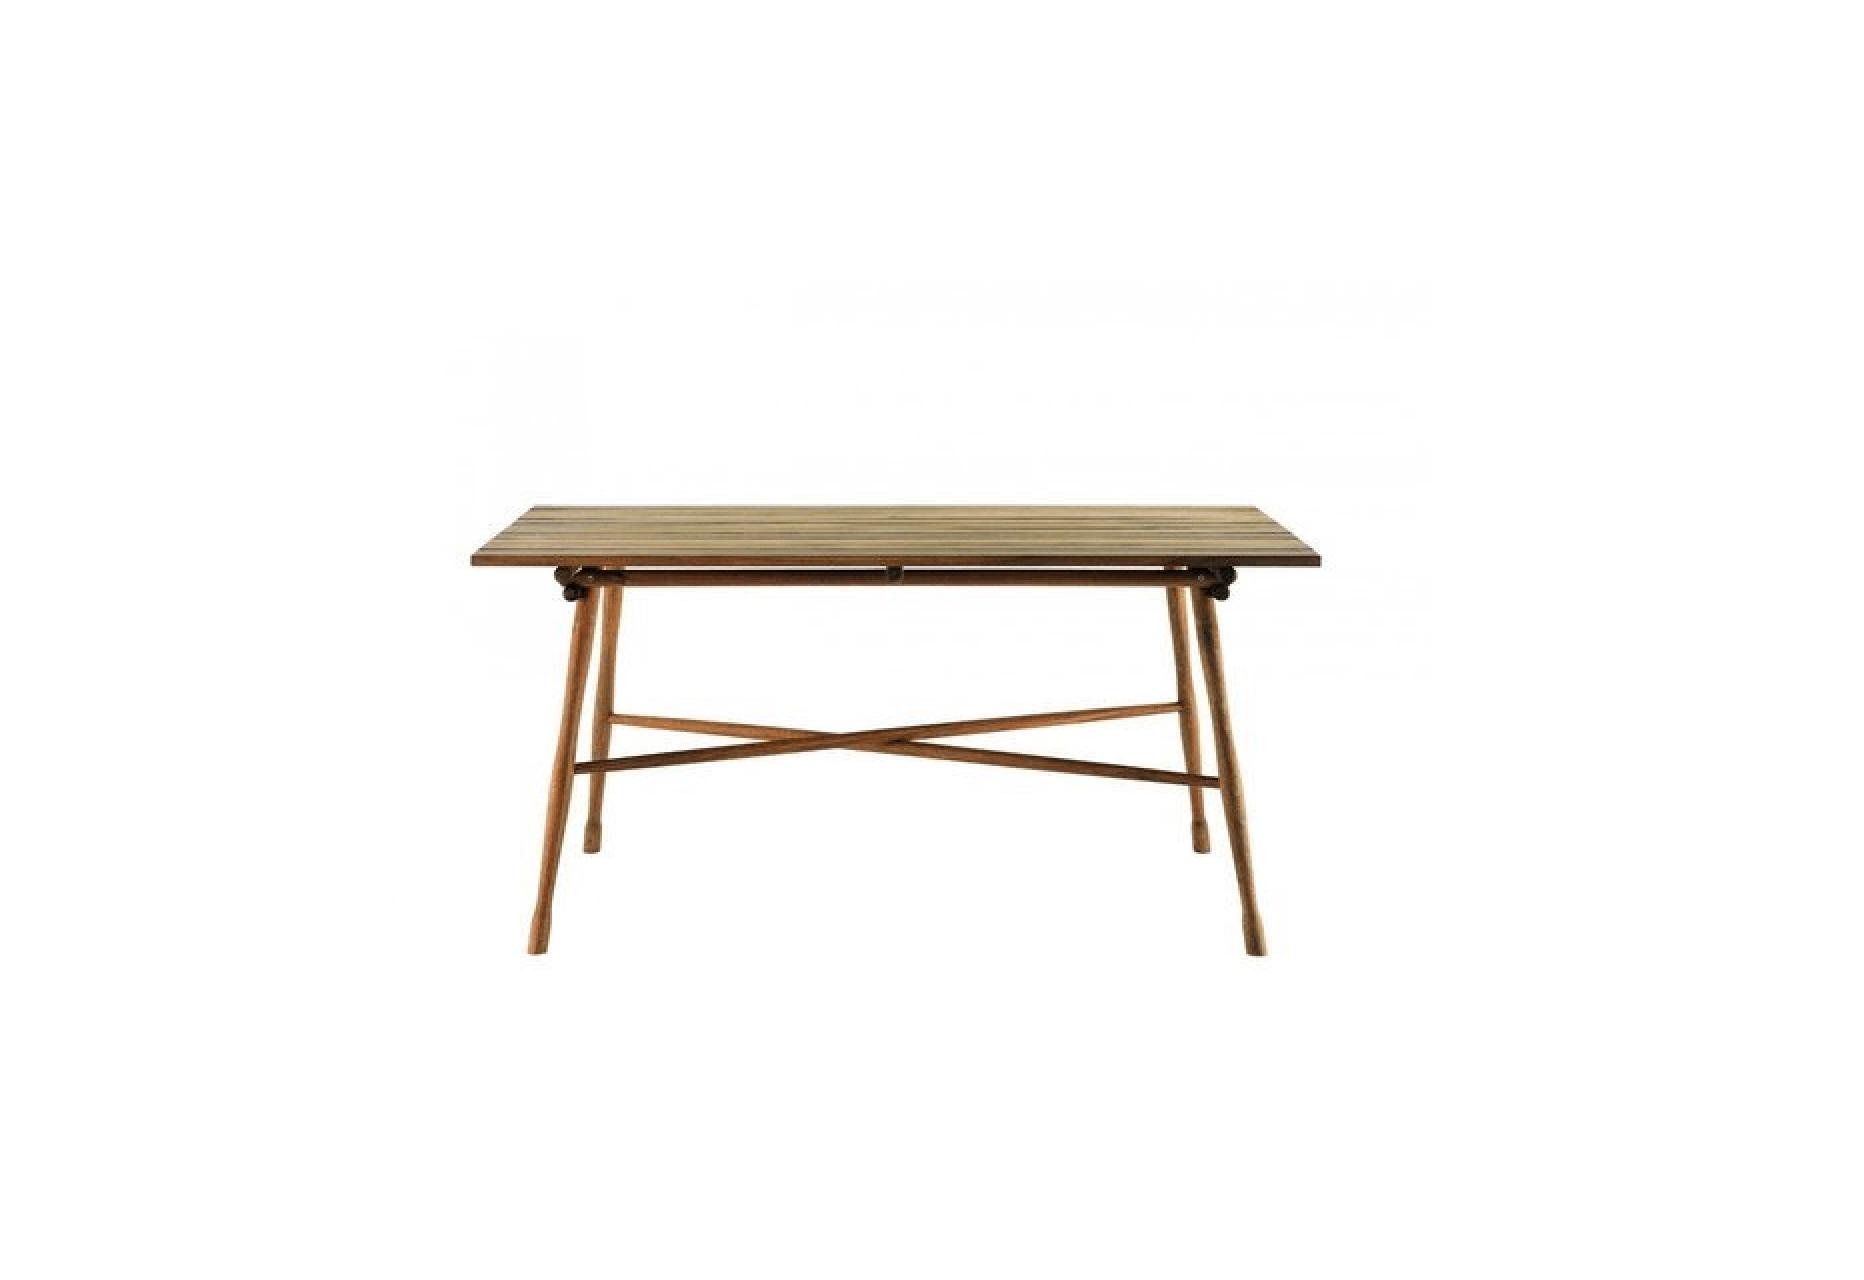 Full Size of Gartentisch Bauhaus Metall Tisch Ausziehbar Sunfun Moni Holz Maja Rund Schweiz Klappbar Xxl Fenster Wohnzimmer Gartentisch Bauhaus